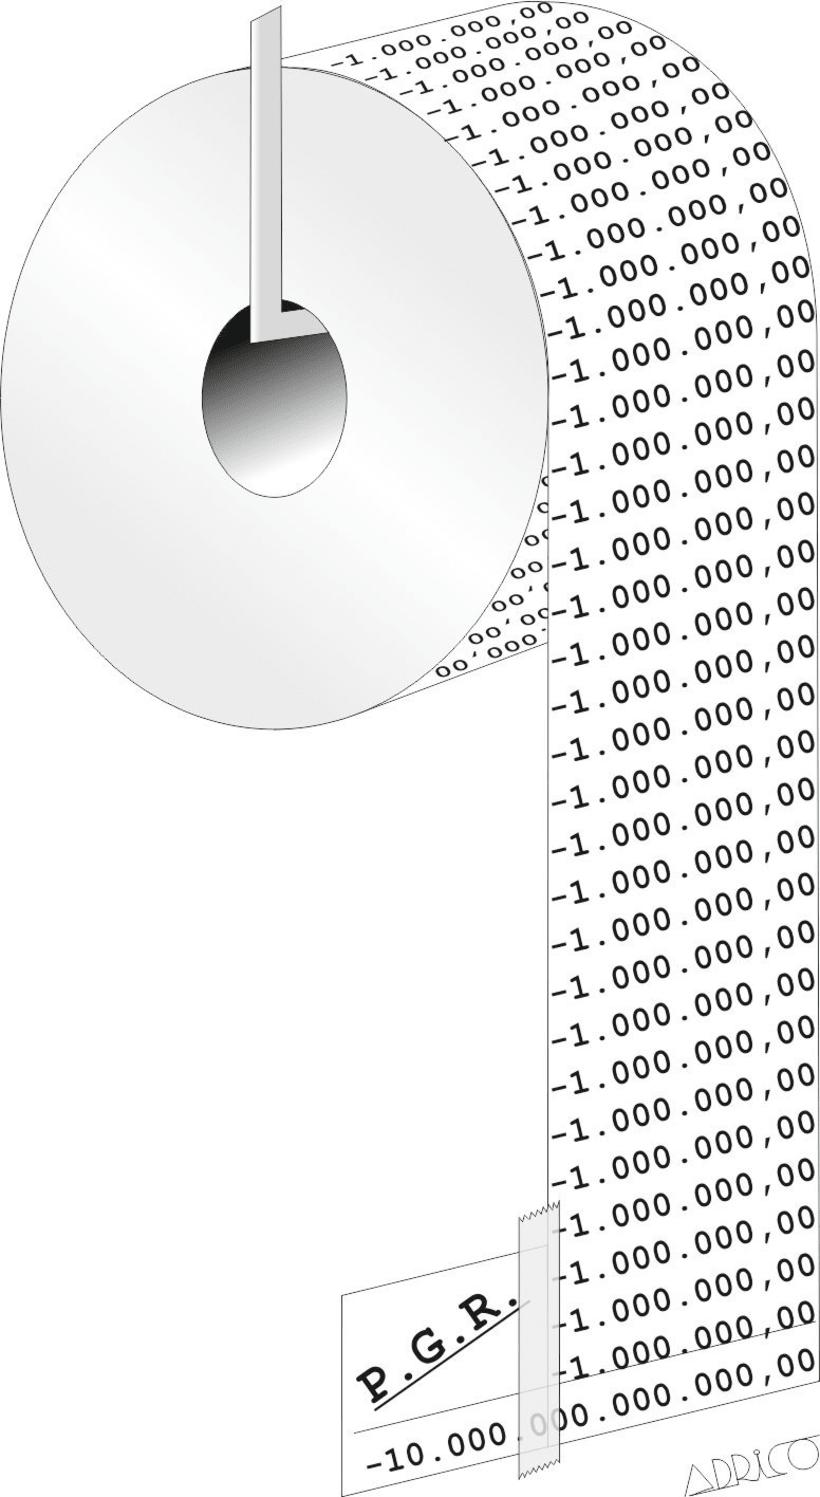 F17 nro14 2007 2